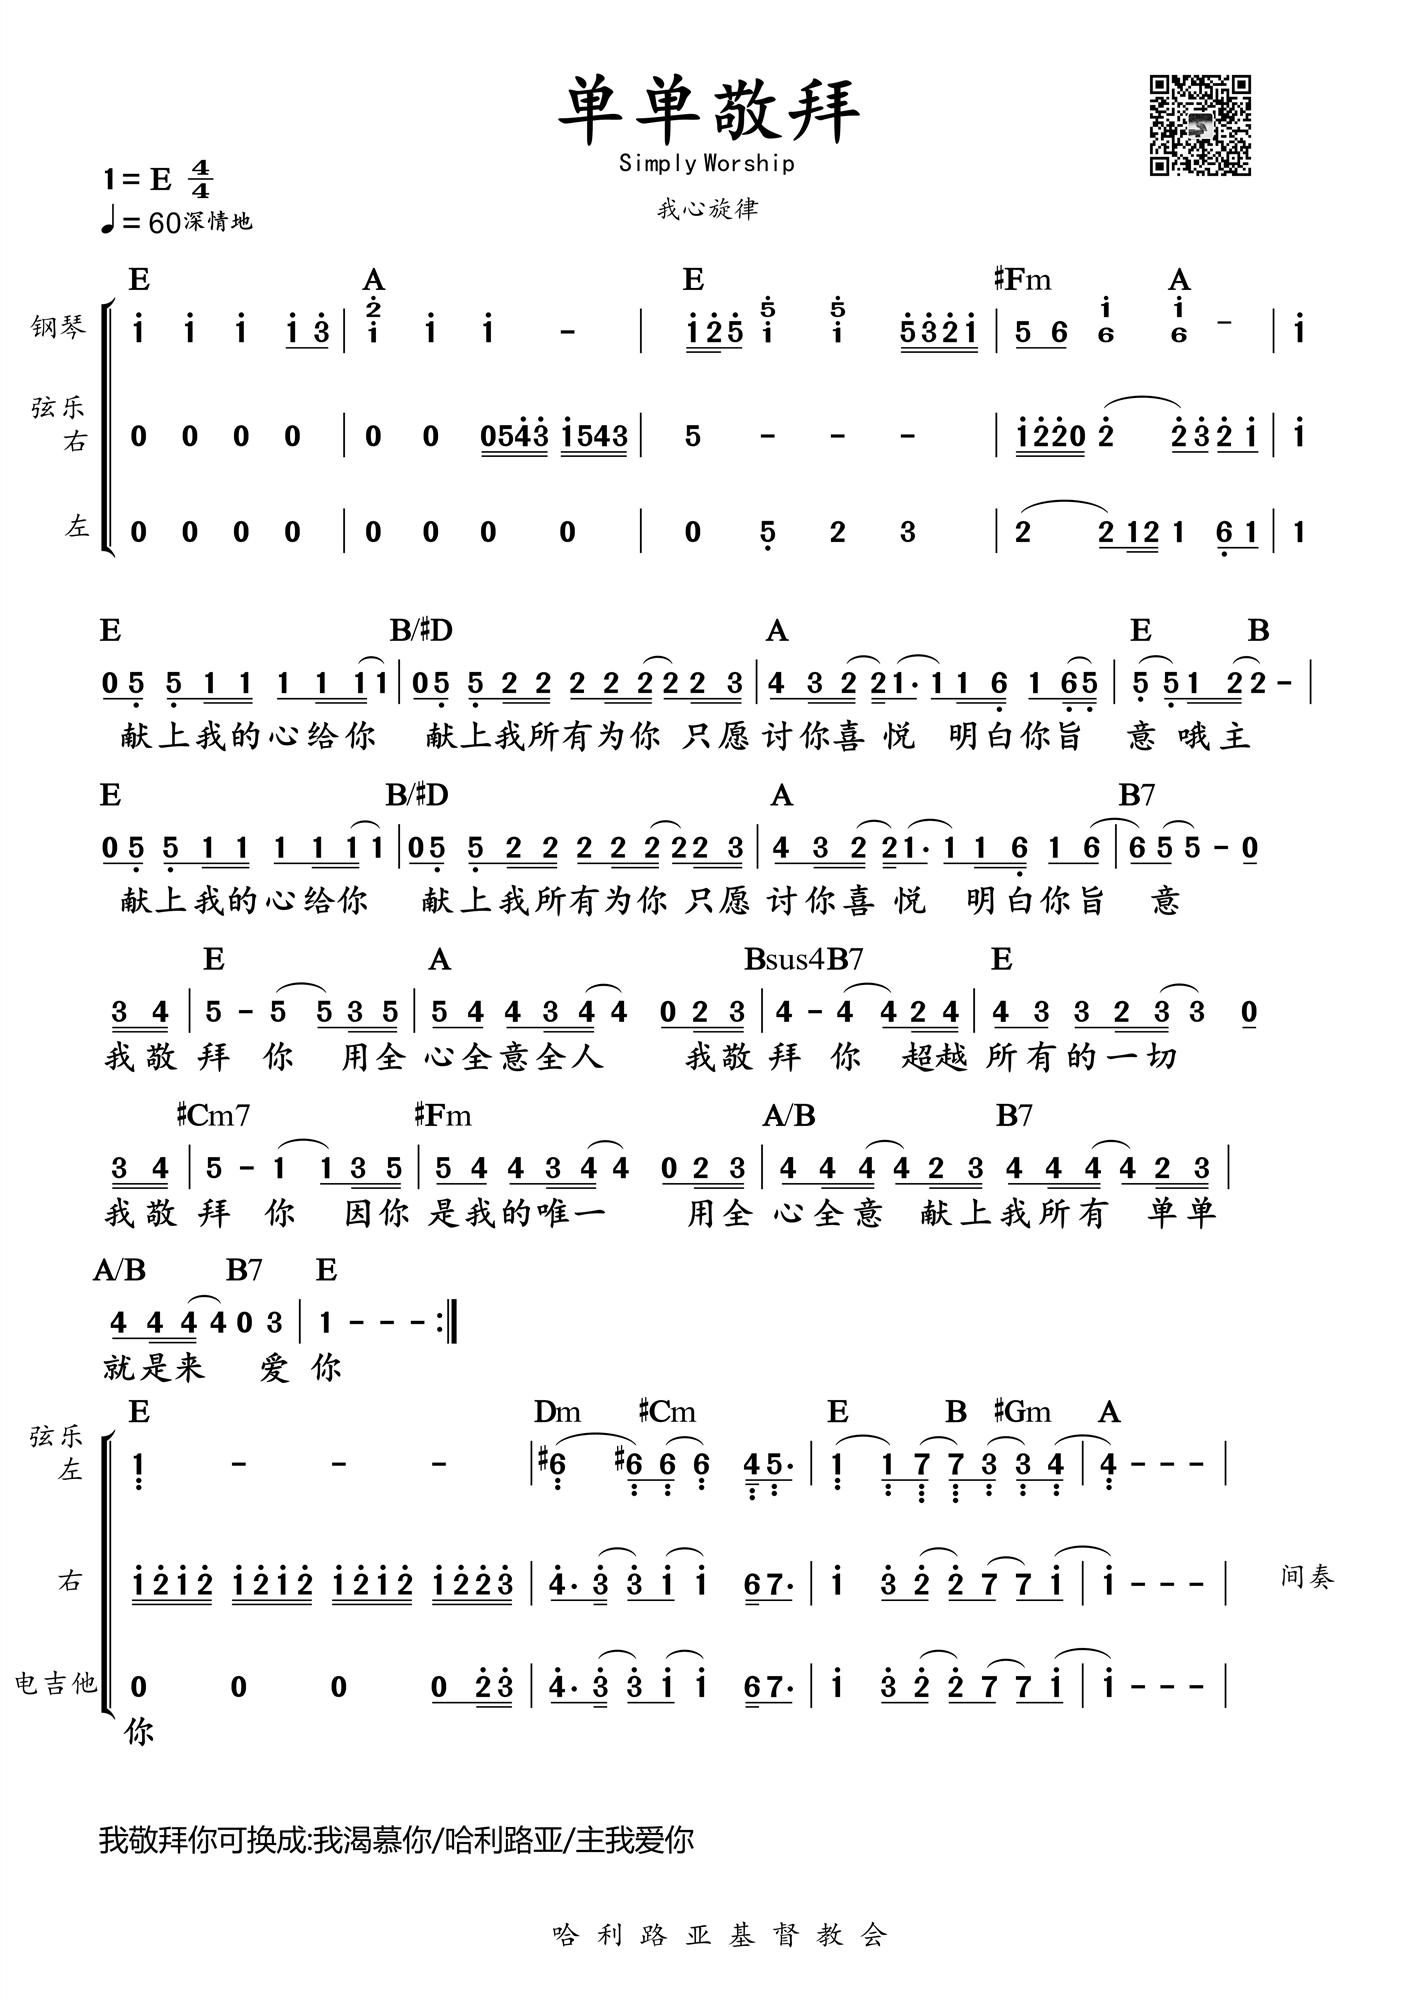 《单单敬拜 和弦简谱+前奏间奏》